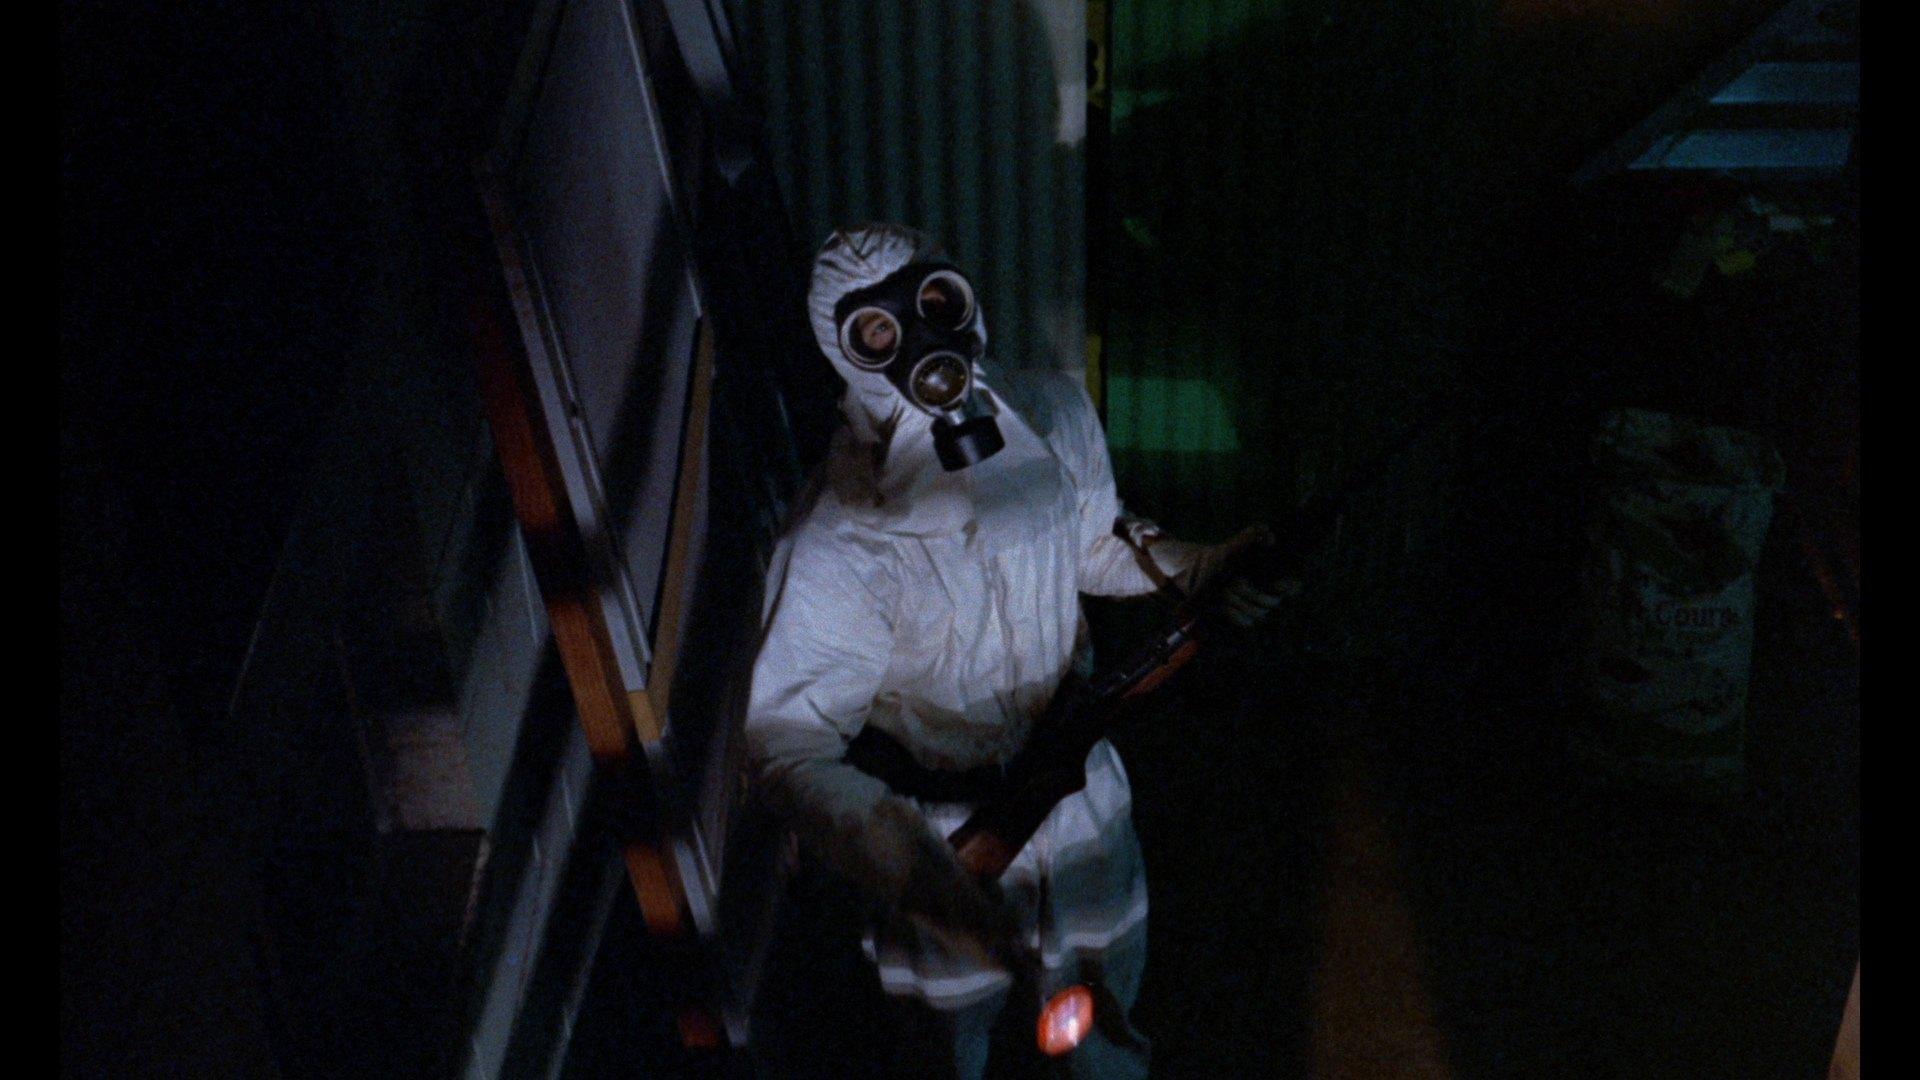 kadr z filmu SZALEŃCY The Crazies, George A. Romero, 1973, źródło: promo